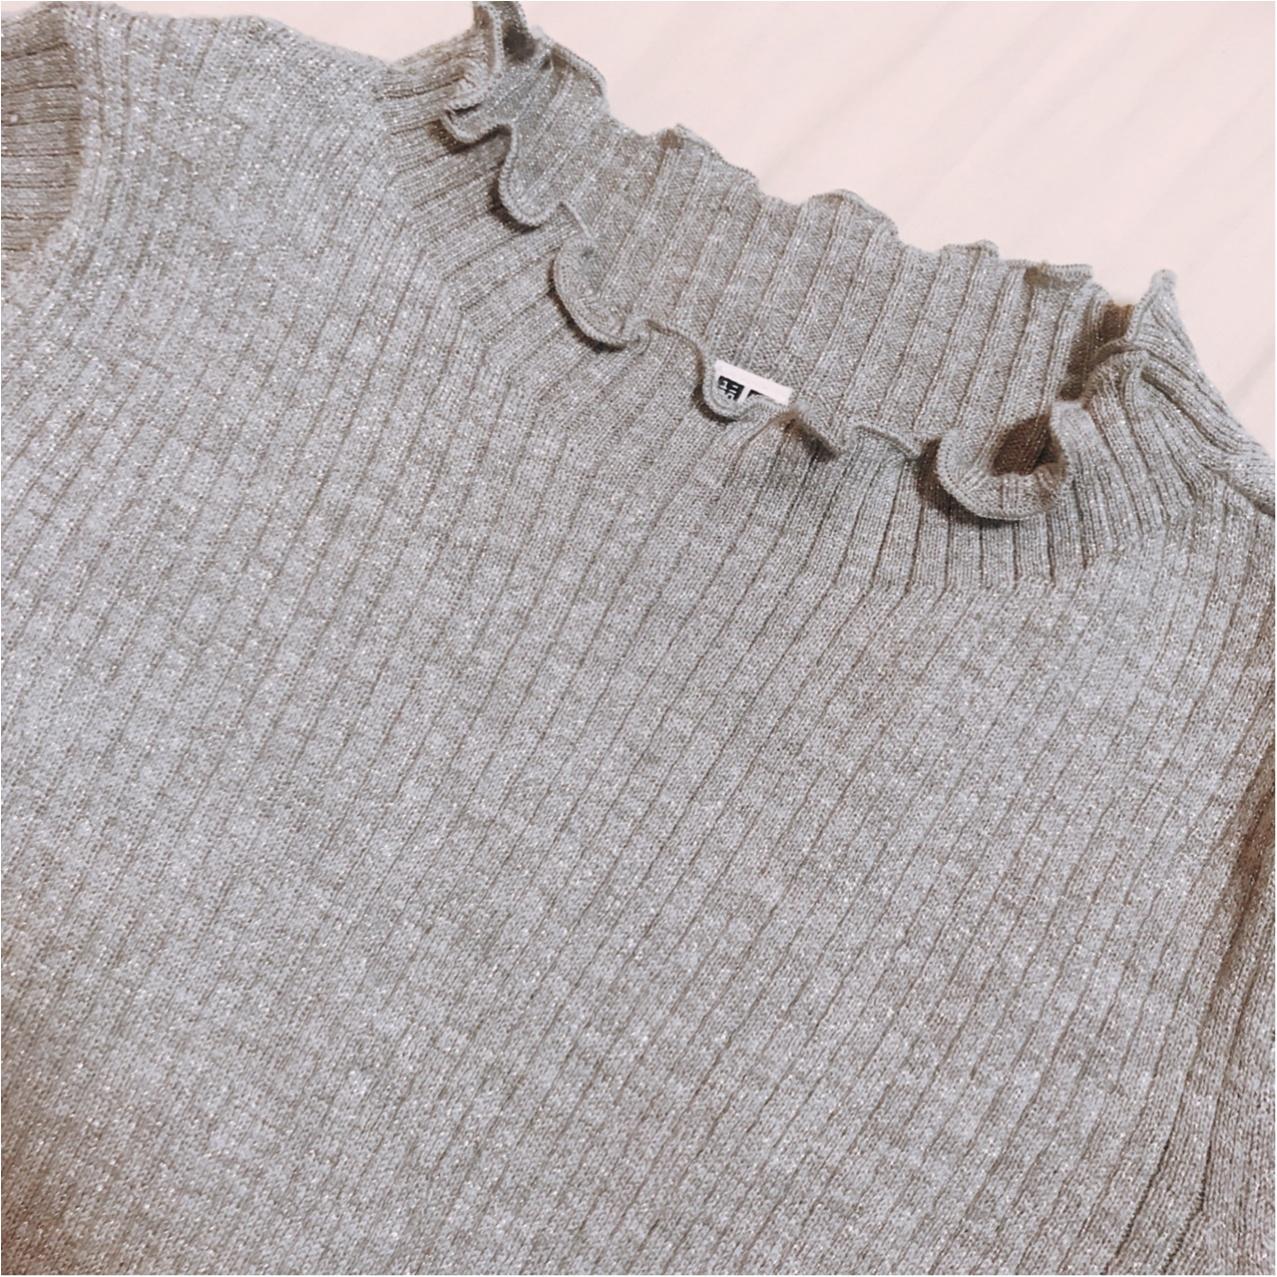 ユニクロ春の新作♡【シャイニーリブフリルネックセーター】が超優秀!!_2